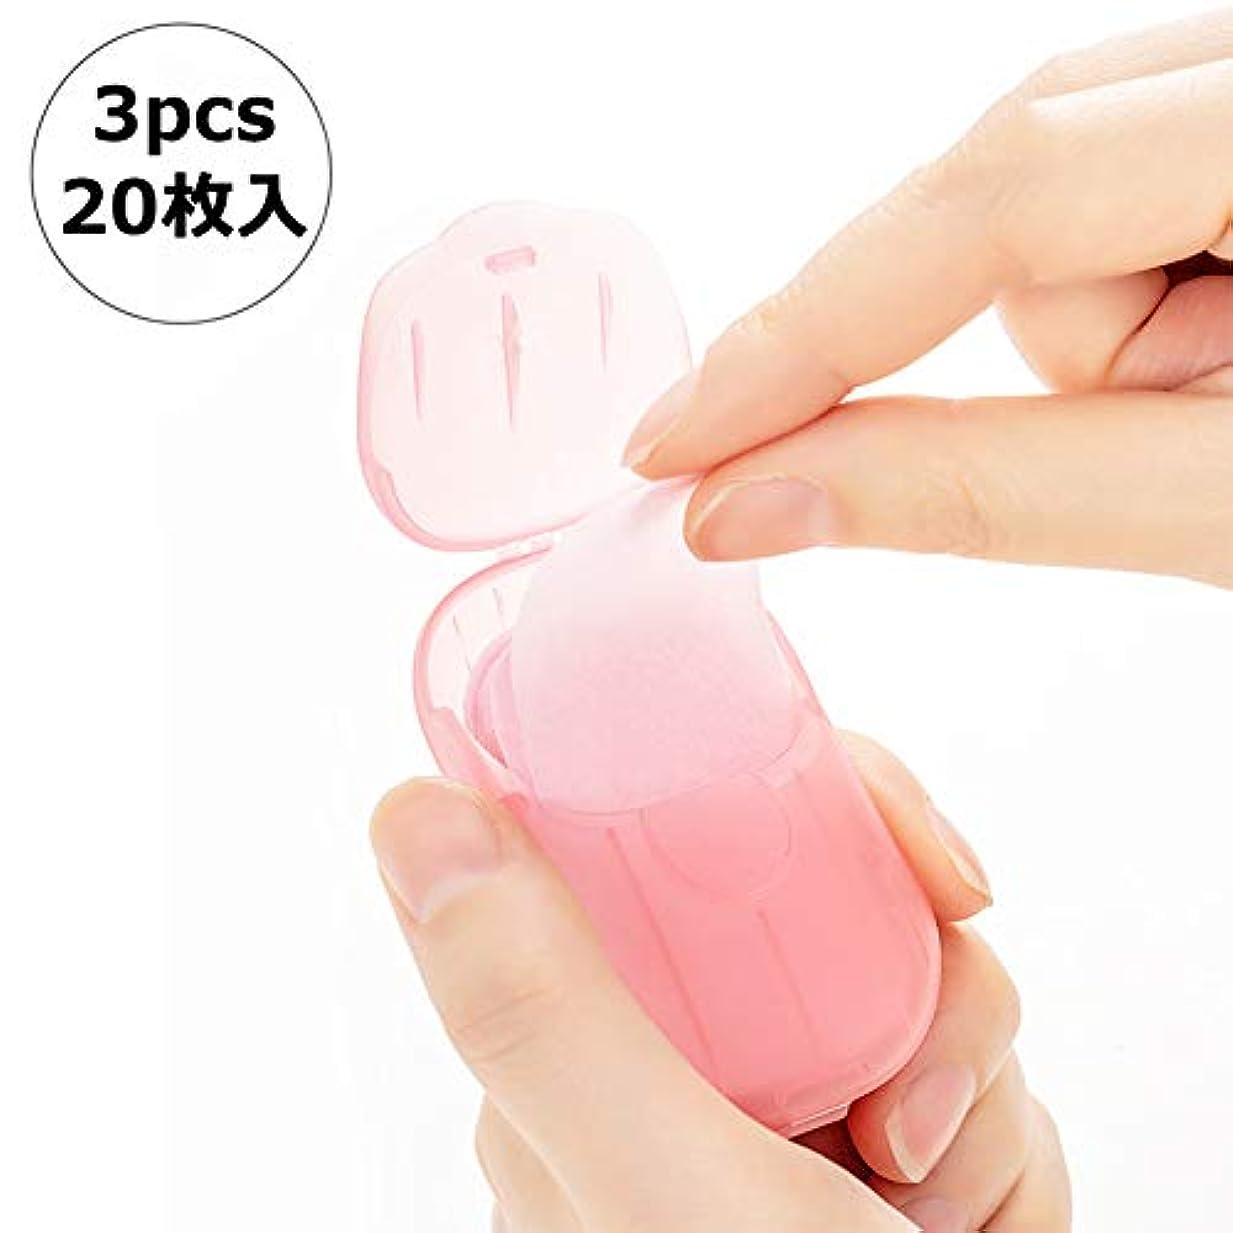 夢ステートメントサンダースNITIUMI ペーパーソープ 除菌 香り 石鹸 手洗い/お風呂 旅行携帯用 紙せっけん 20枚入 ケース付き カラーランダム (3個セット)